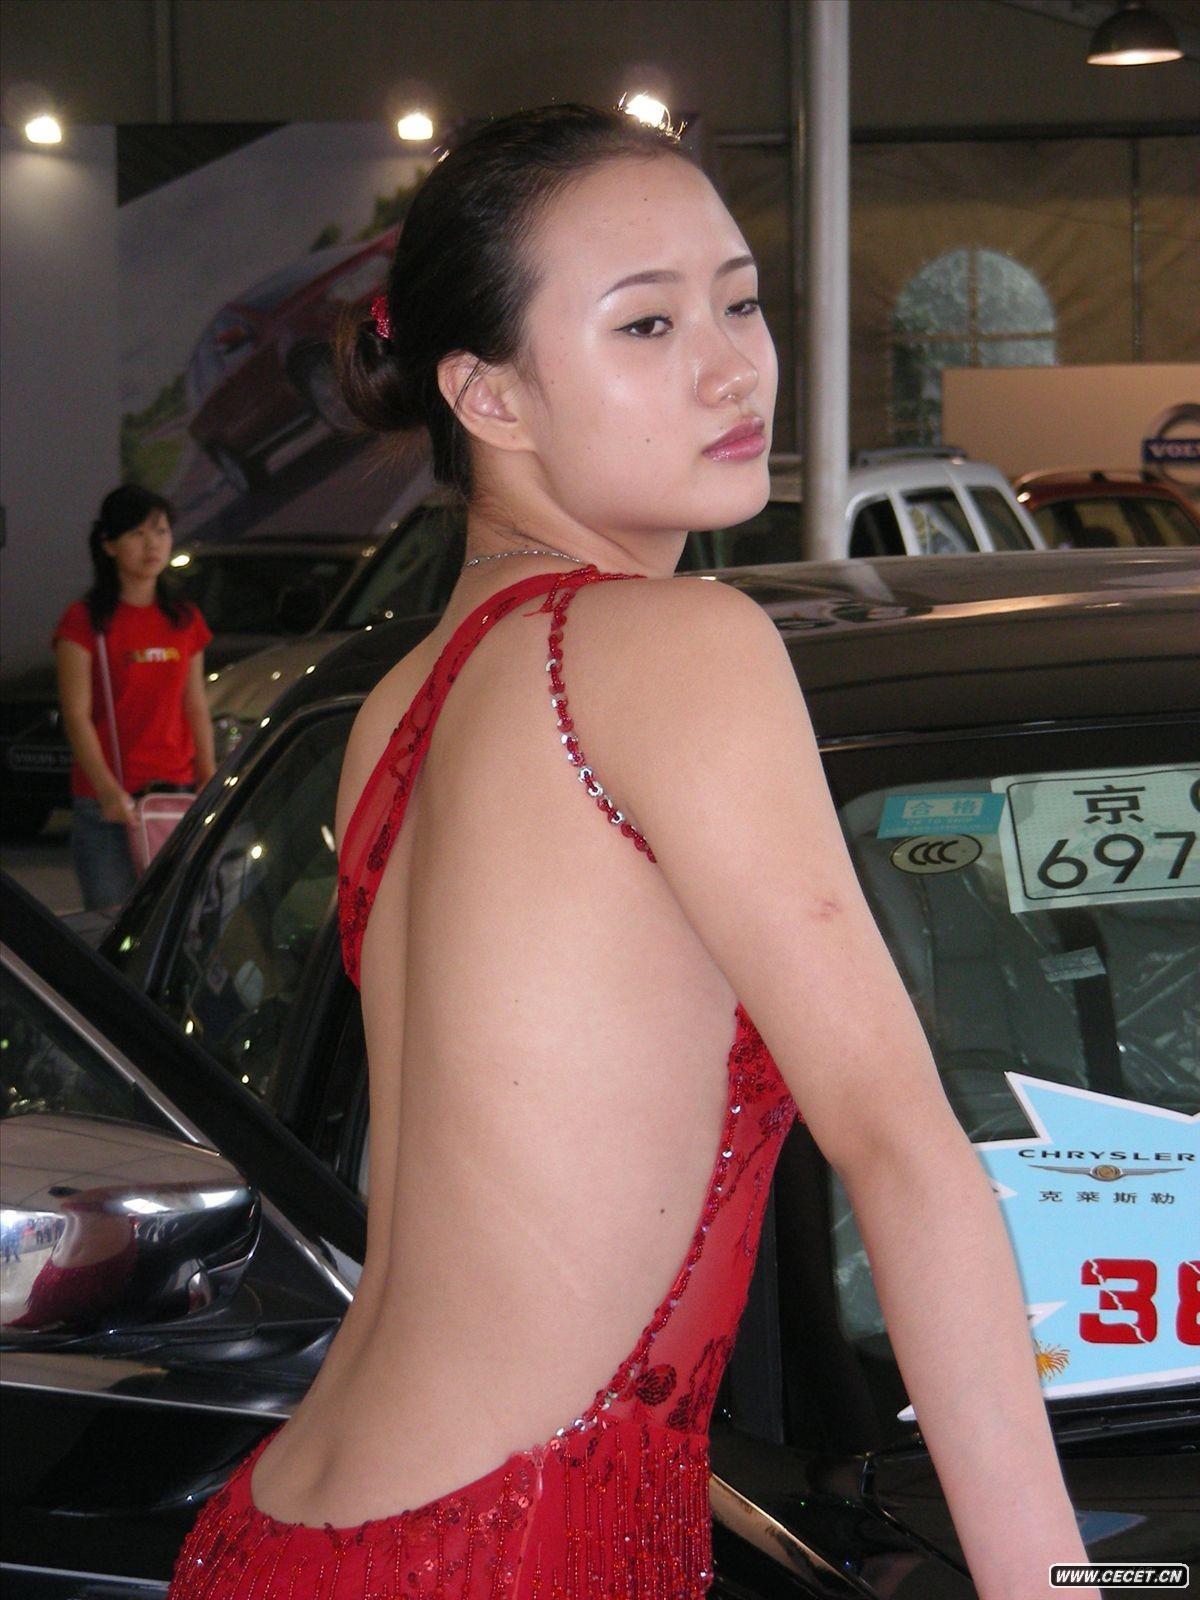 国内资讯_国内最性感的车模 - 中国娱乐资讯网CECET.CN